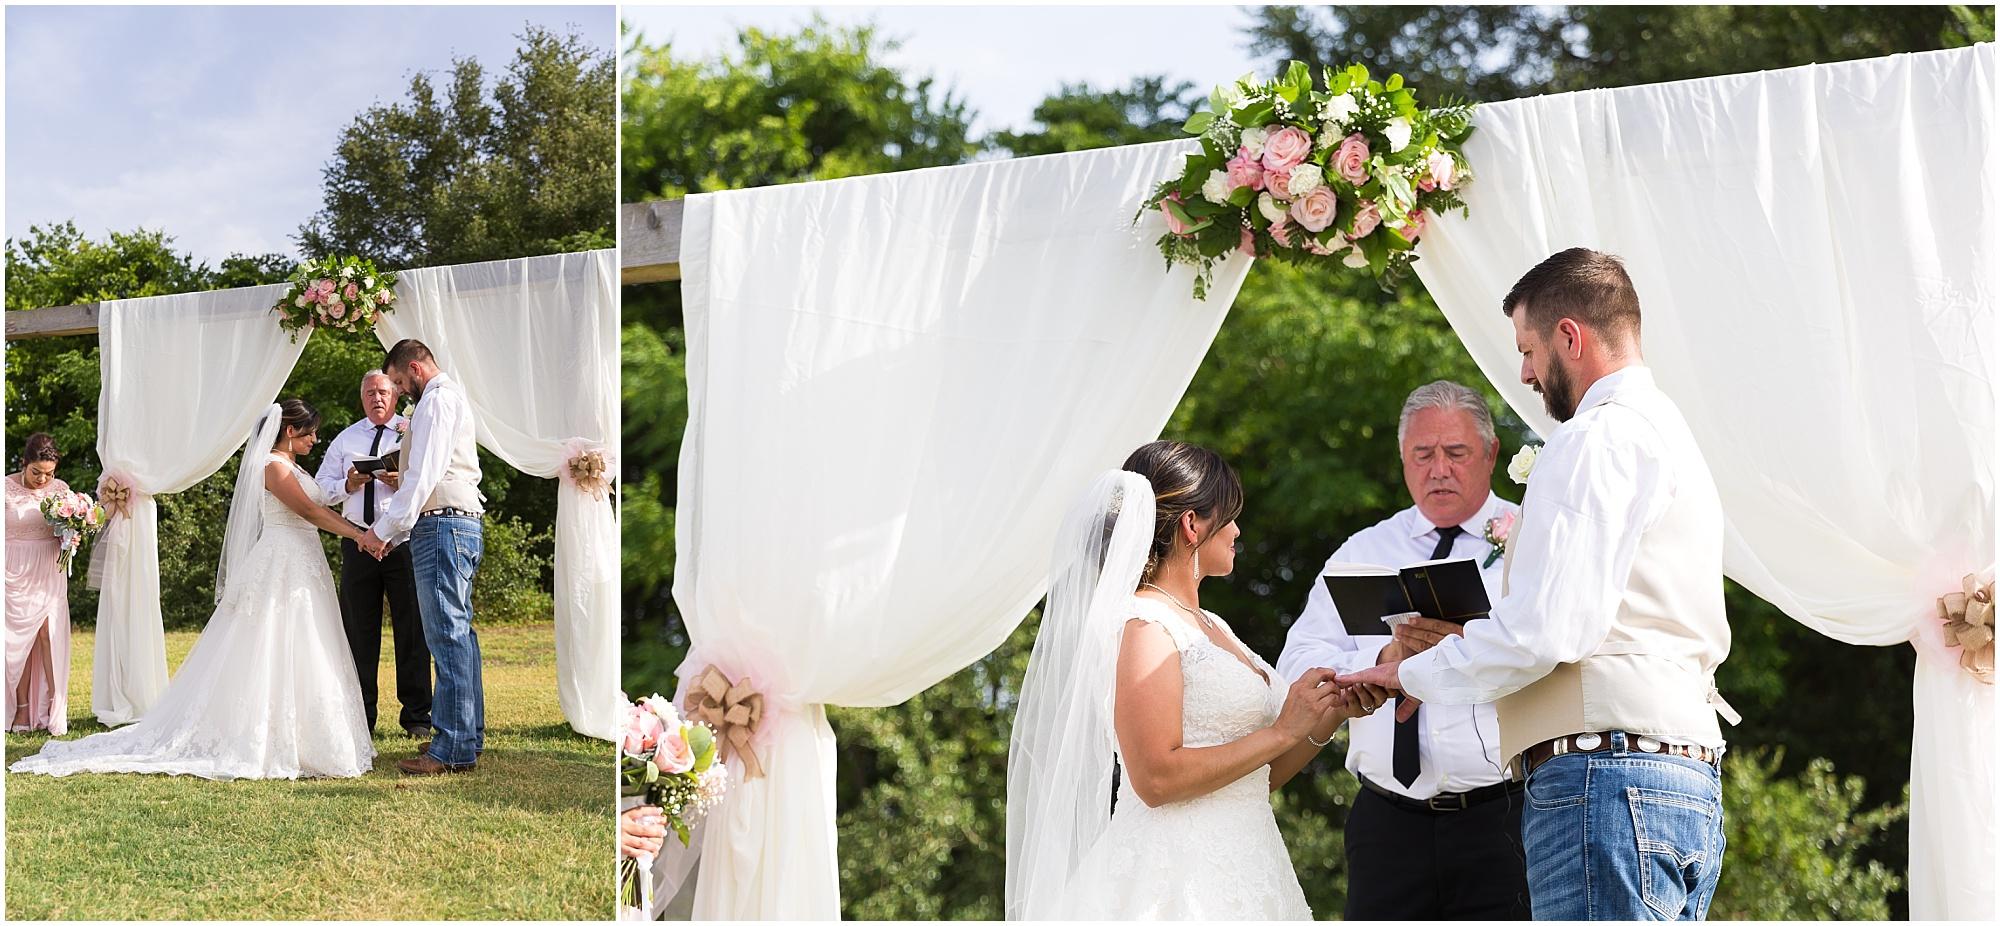 Belton wedding photography - Jason & Melaina Photography - www.jasonandmelaina.com